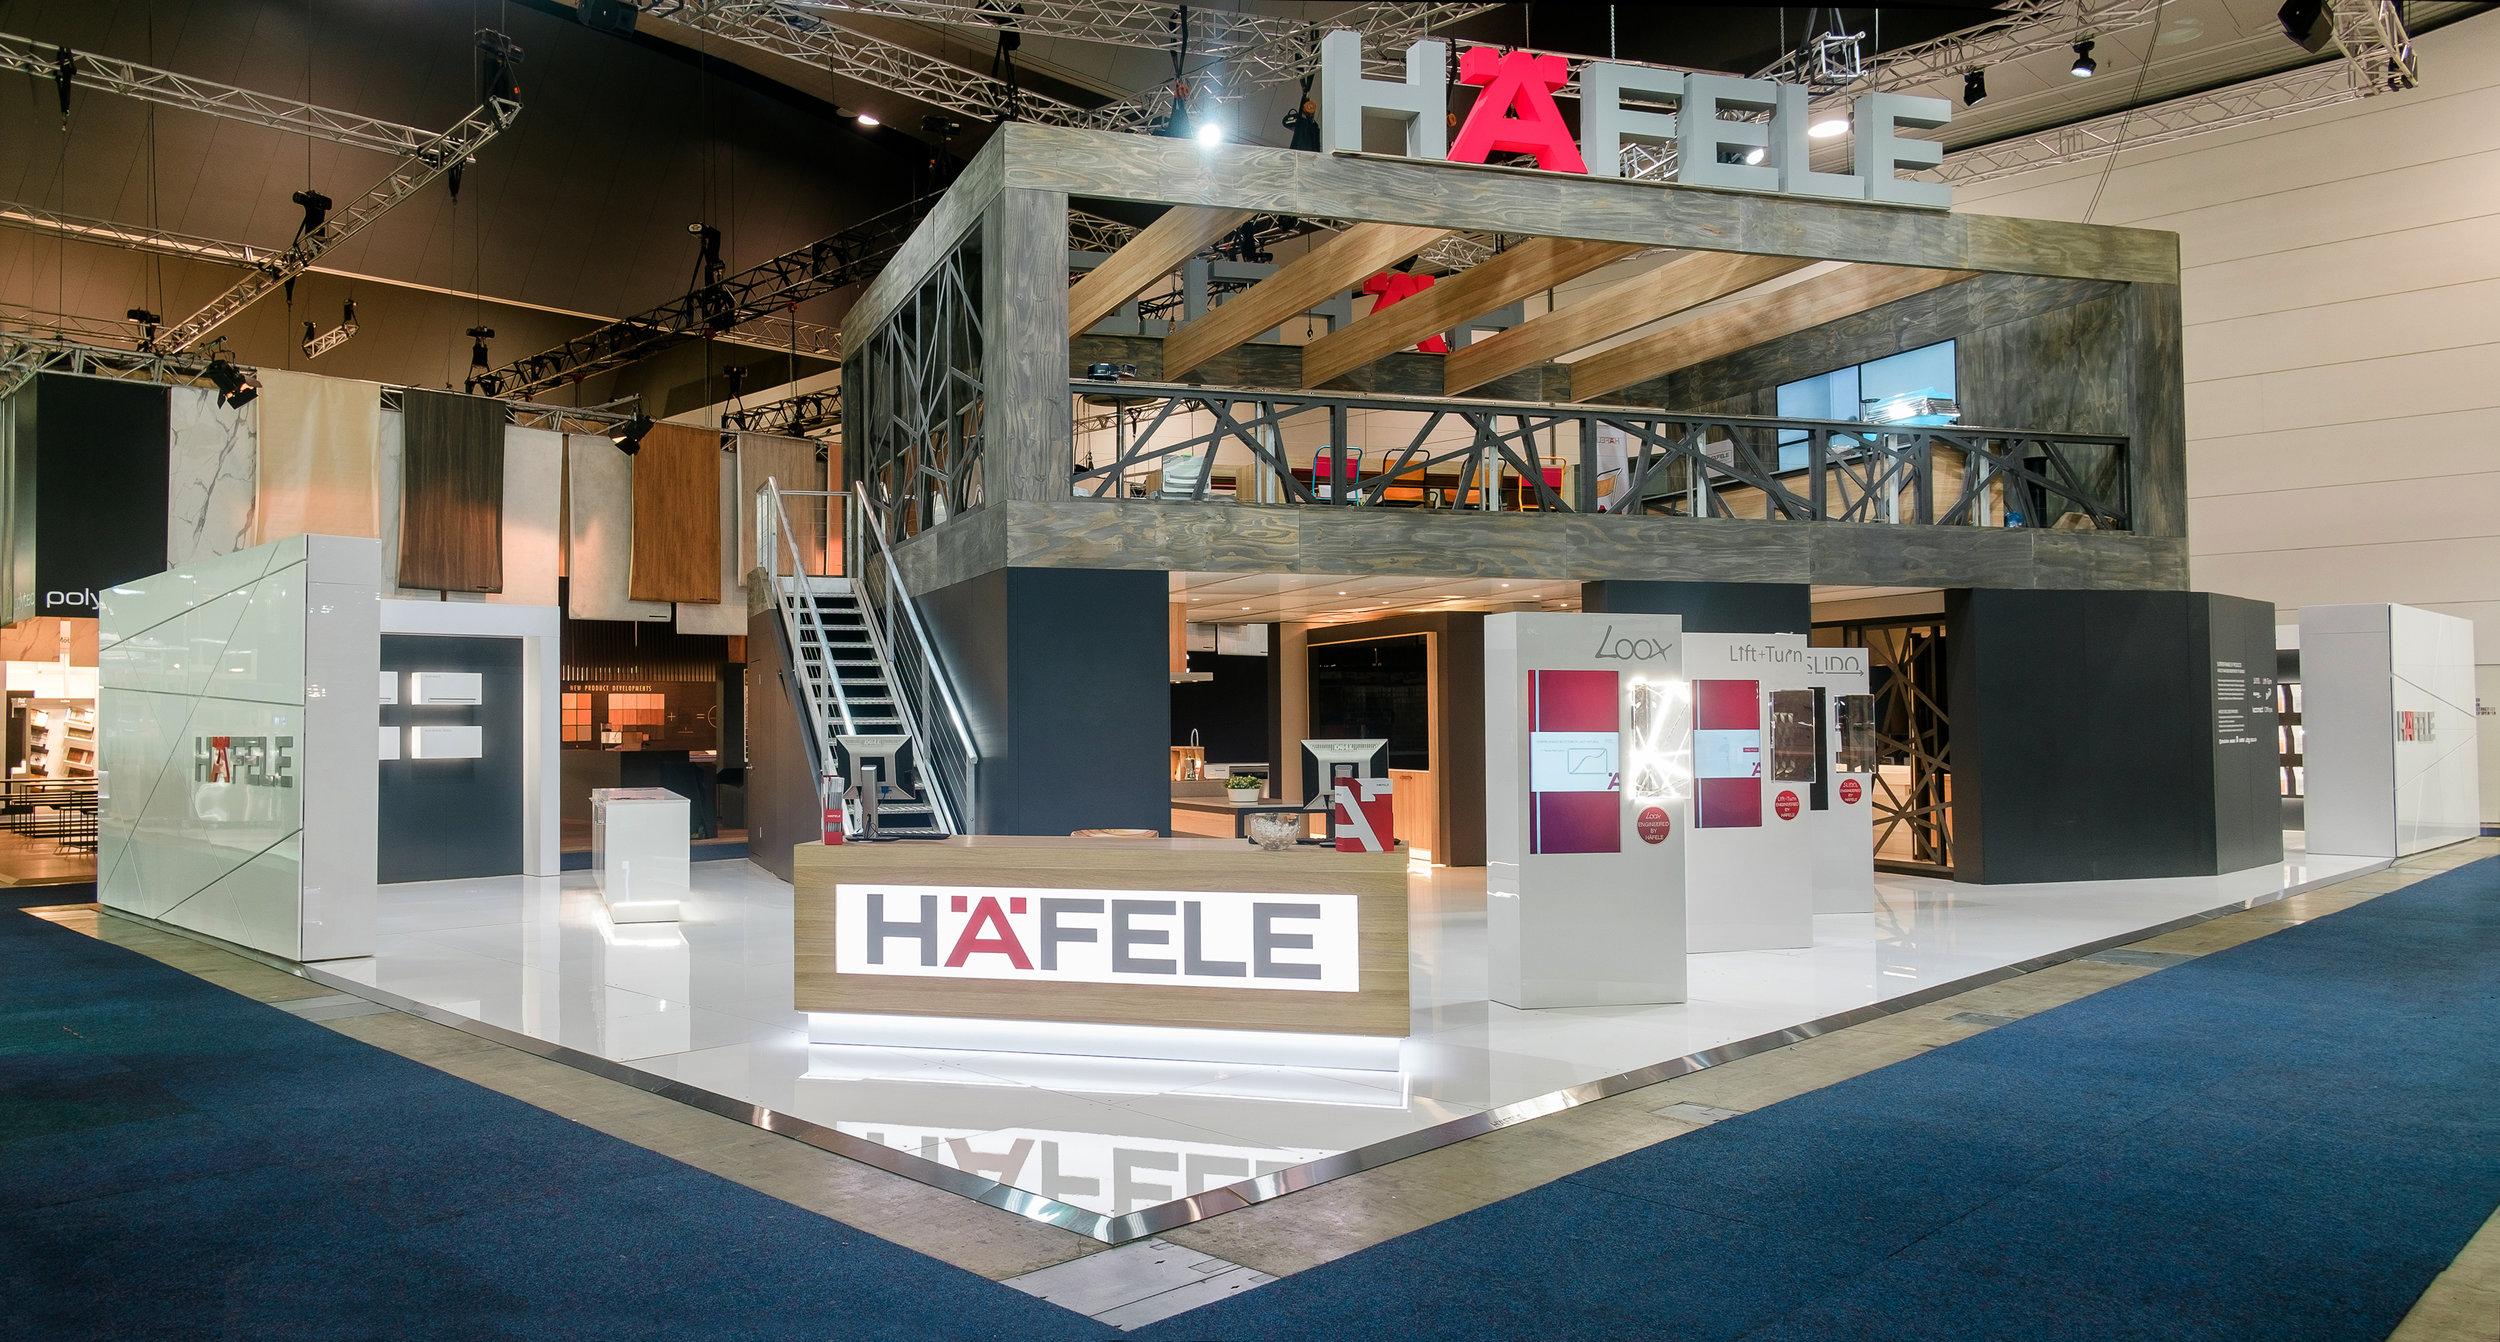 Hafele Exhibition Stand